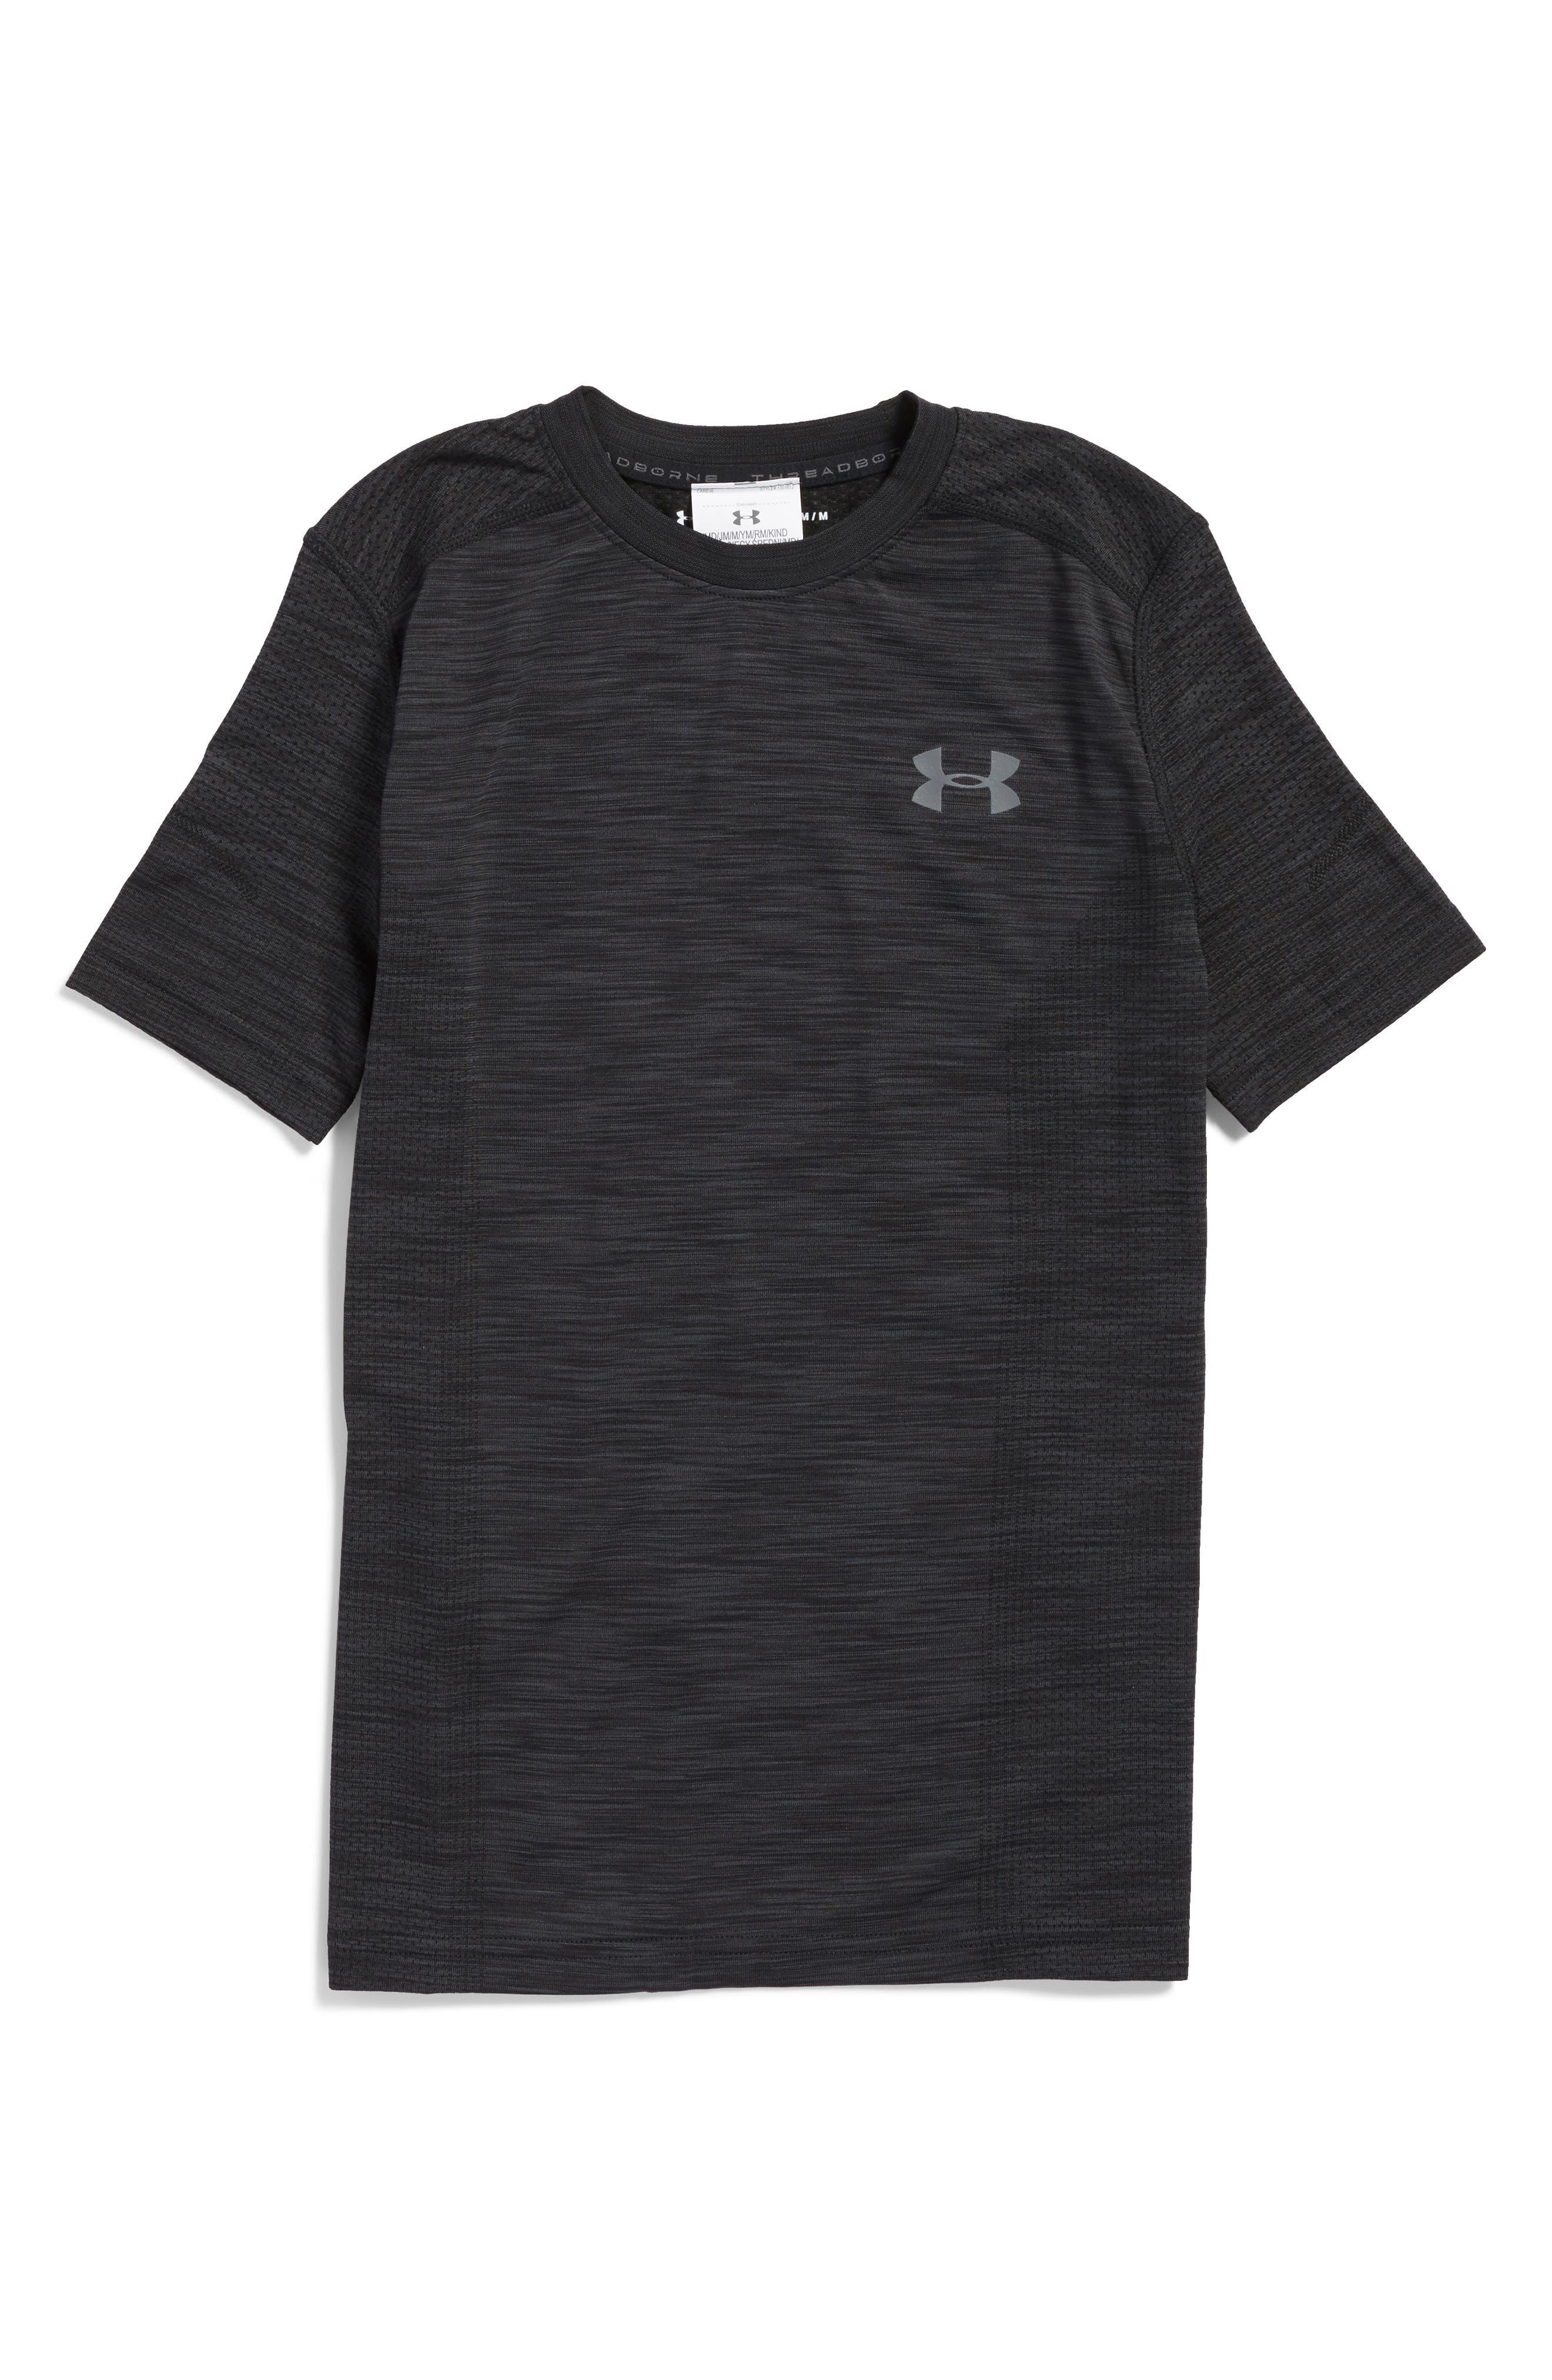 Threadborne HeatGear<sup>®</sup> Shirt,                             Main thumbnail 1, color,                             Black/ Graphite